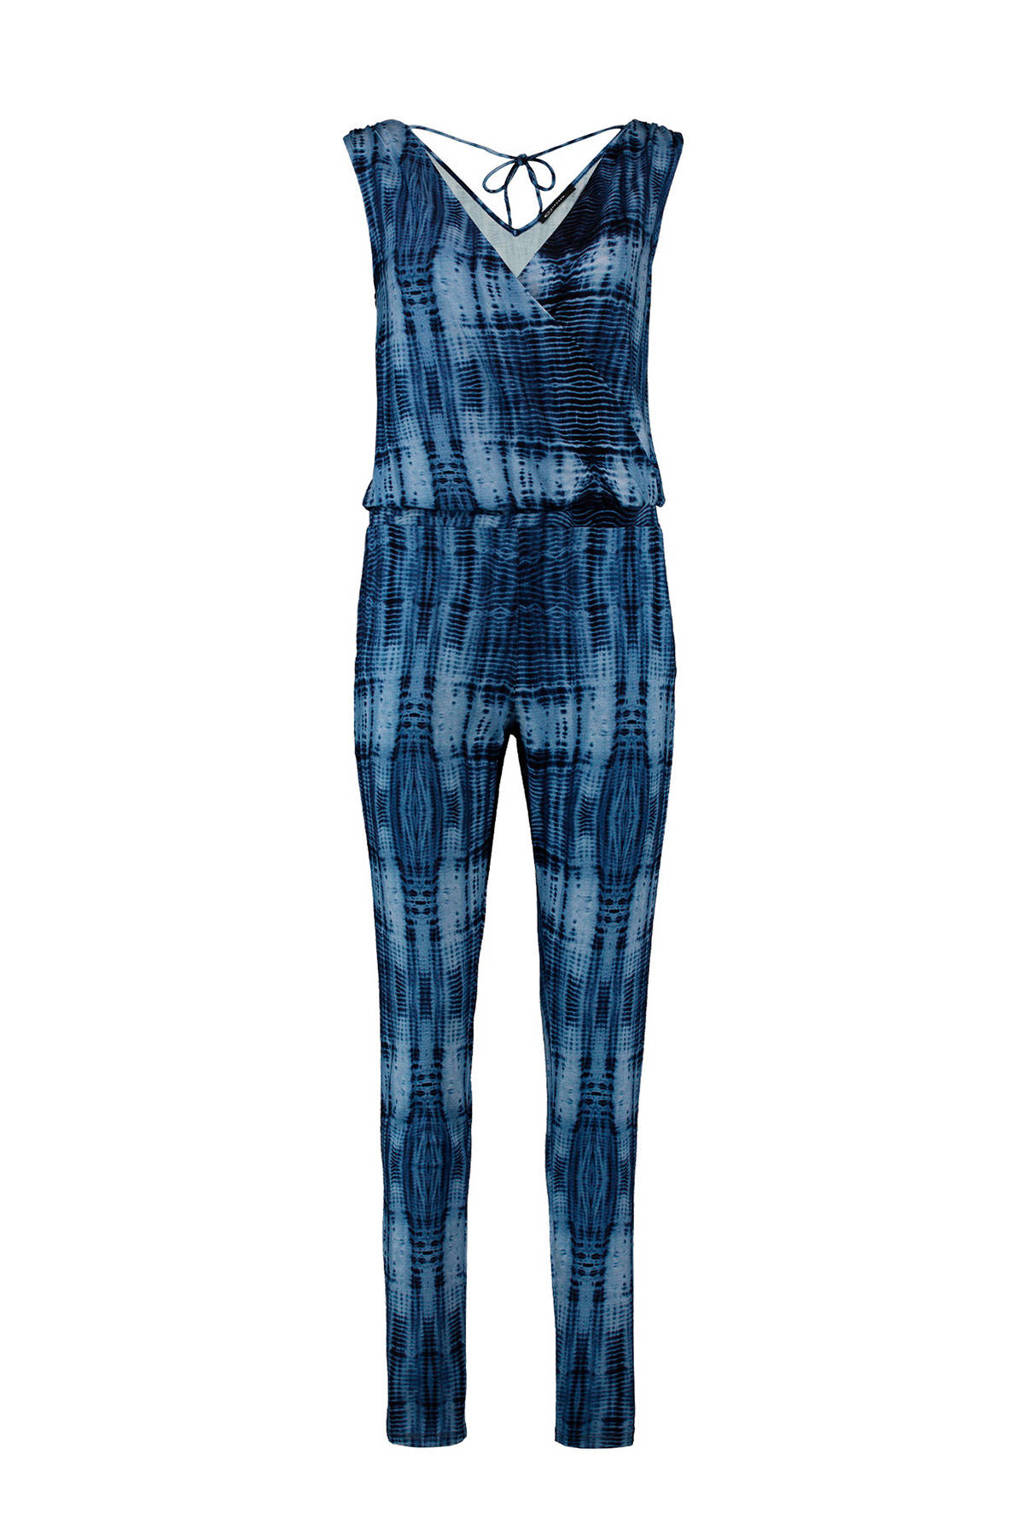 Expresso jumpsuit Gadora met all over print blauw, Blauw